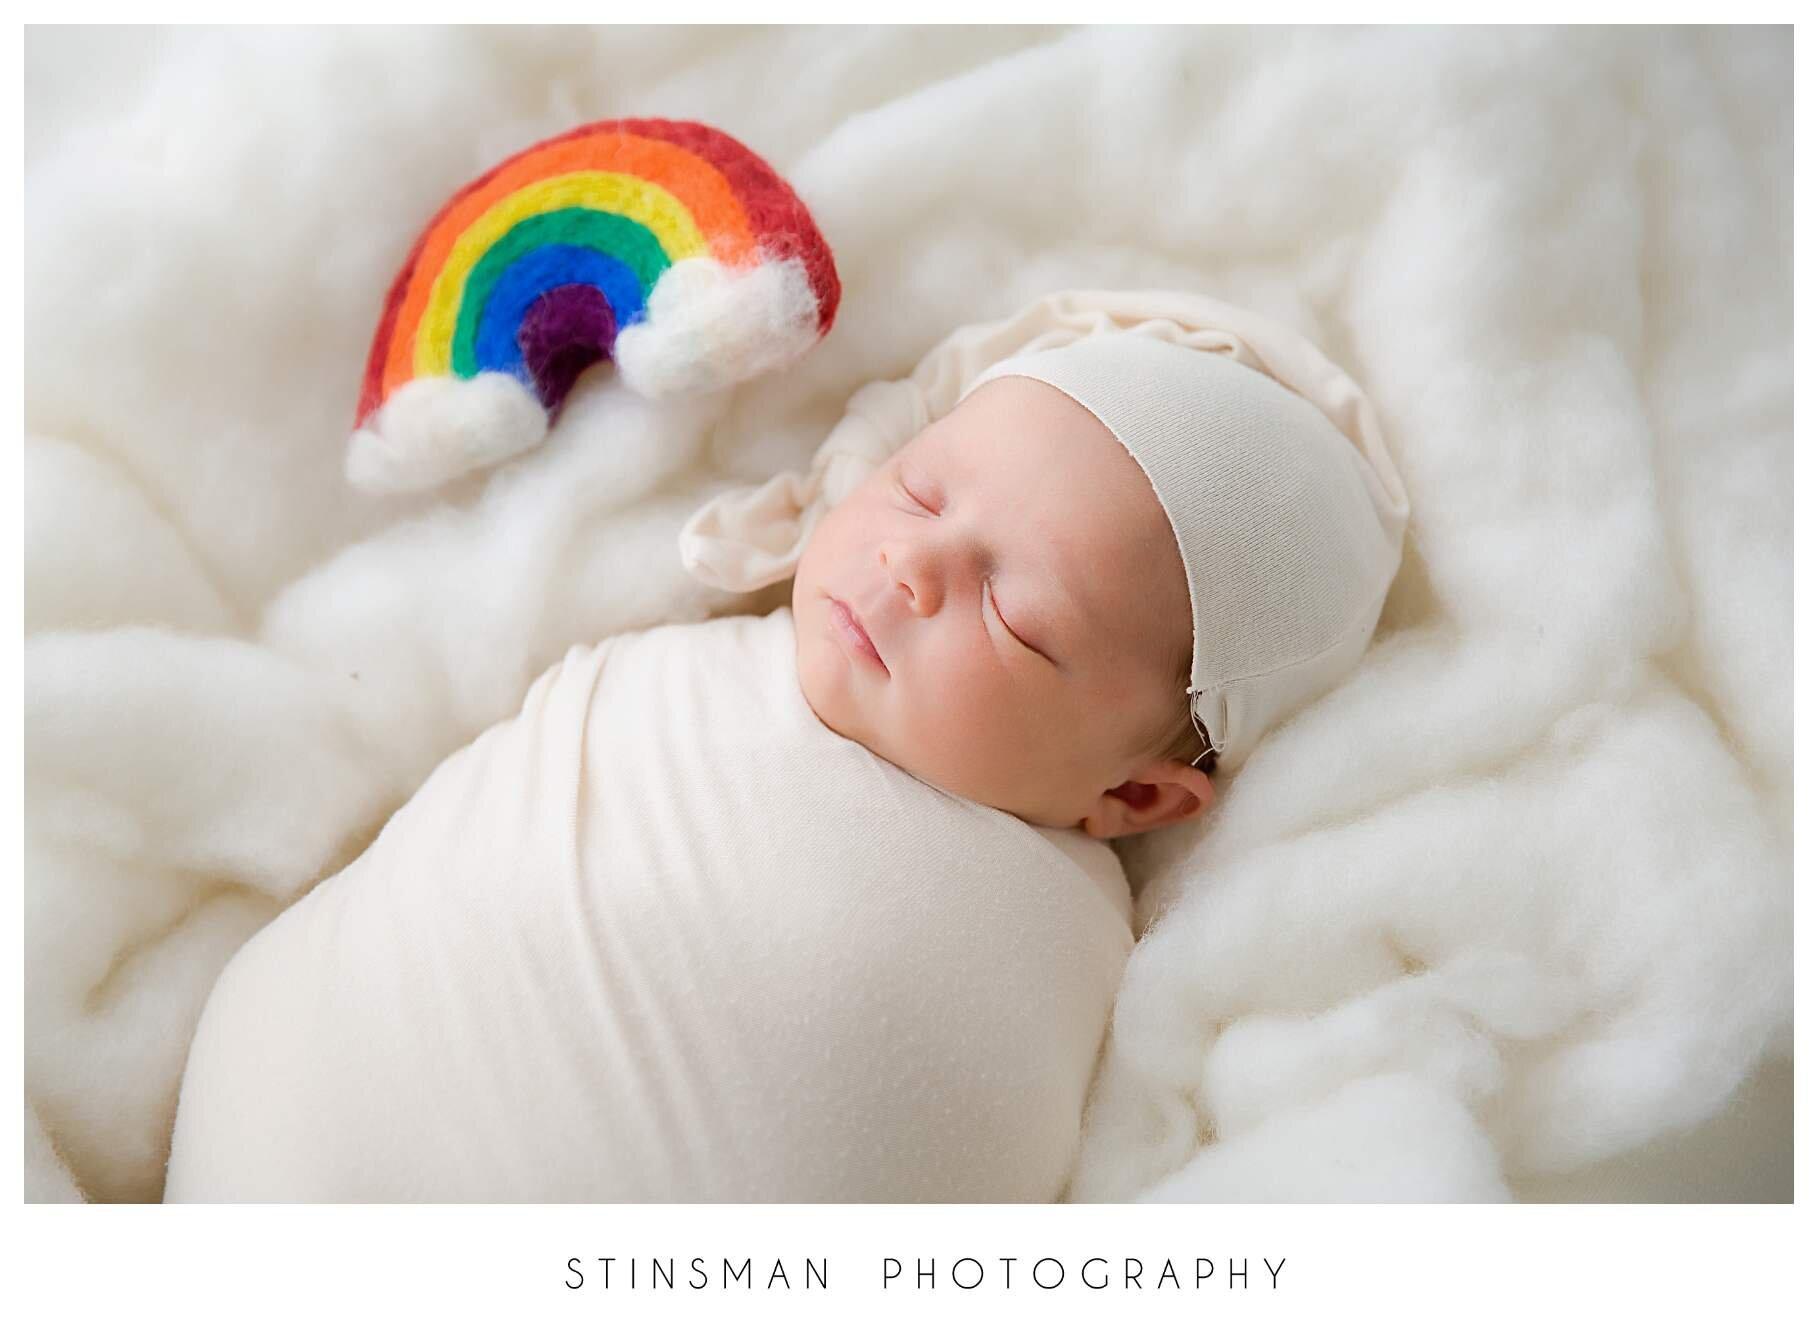 sleeping baby girl with rainbow